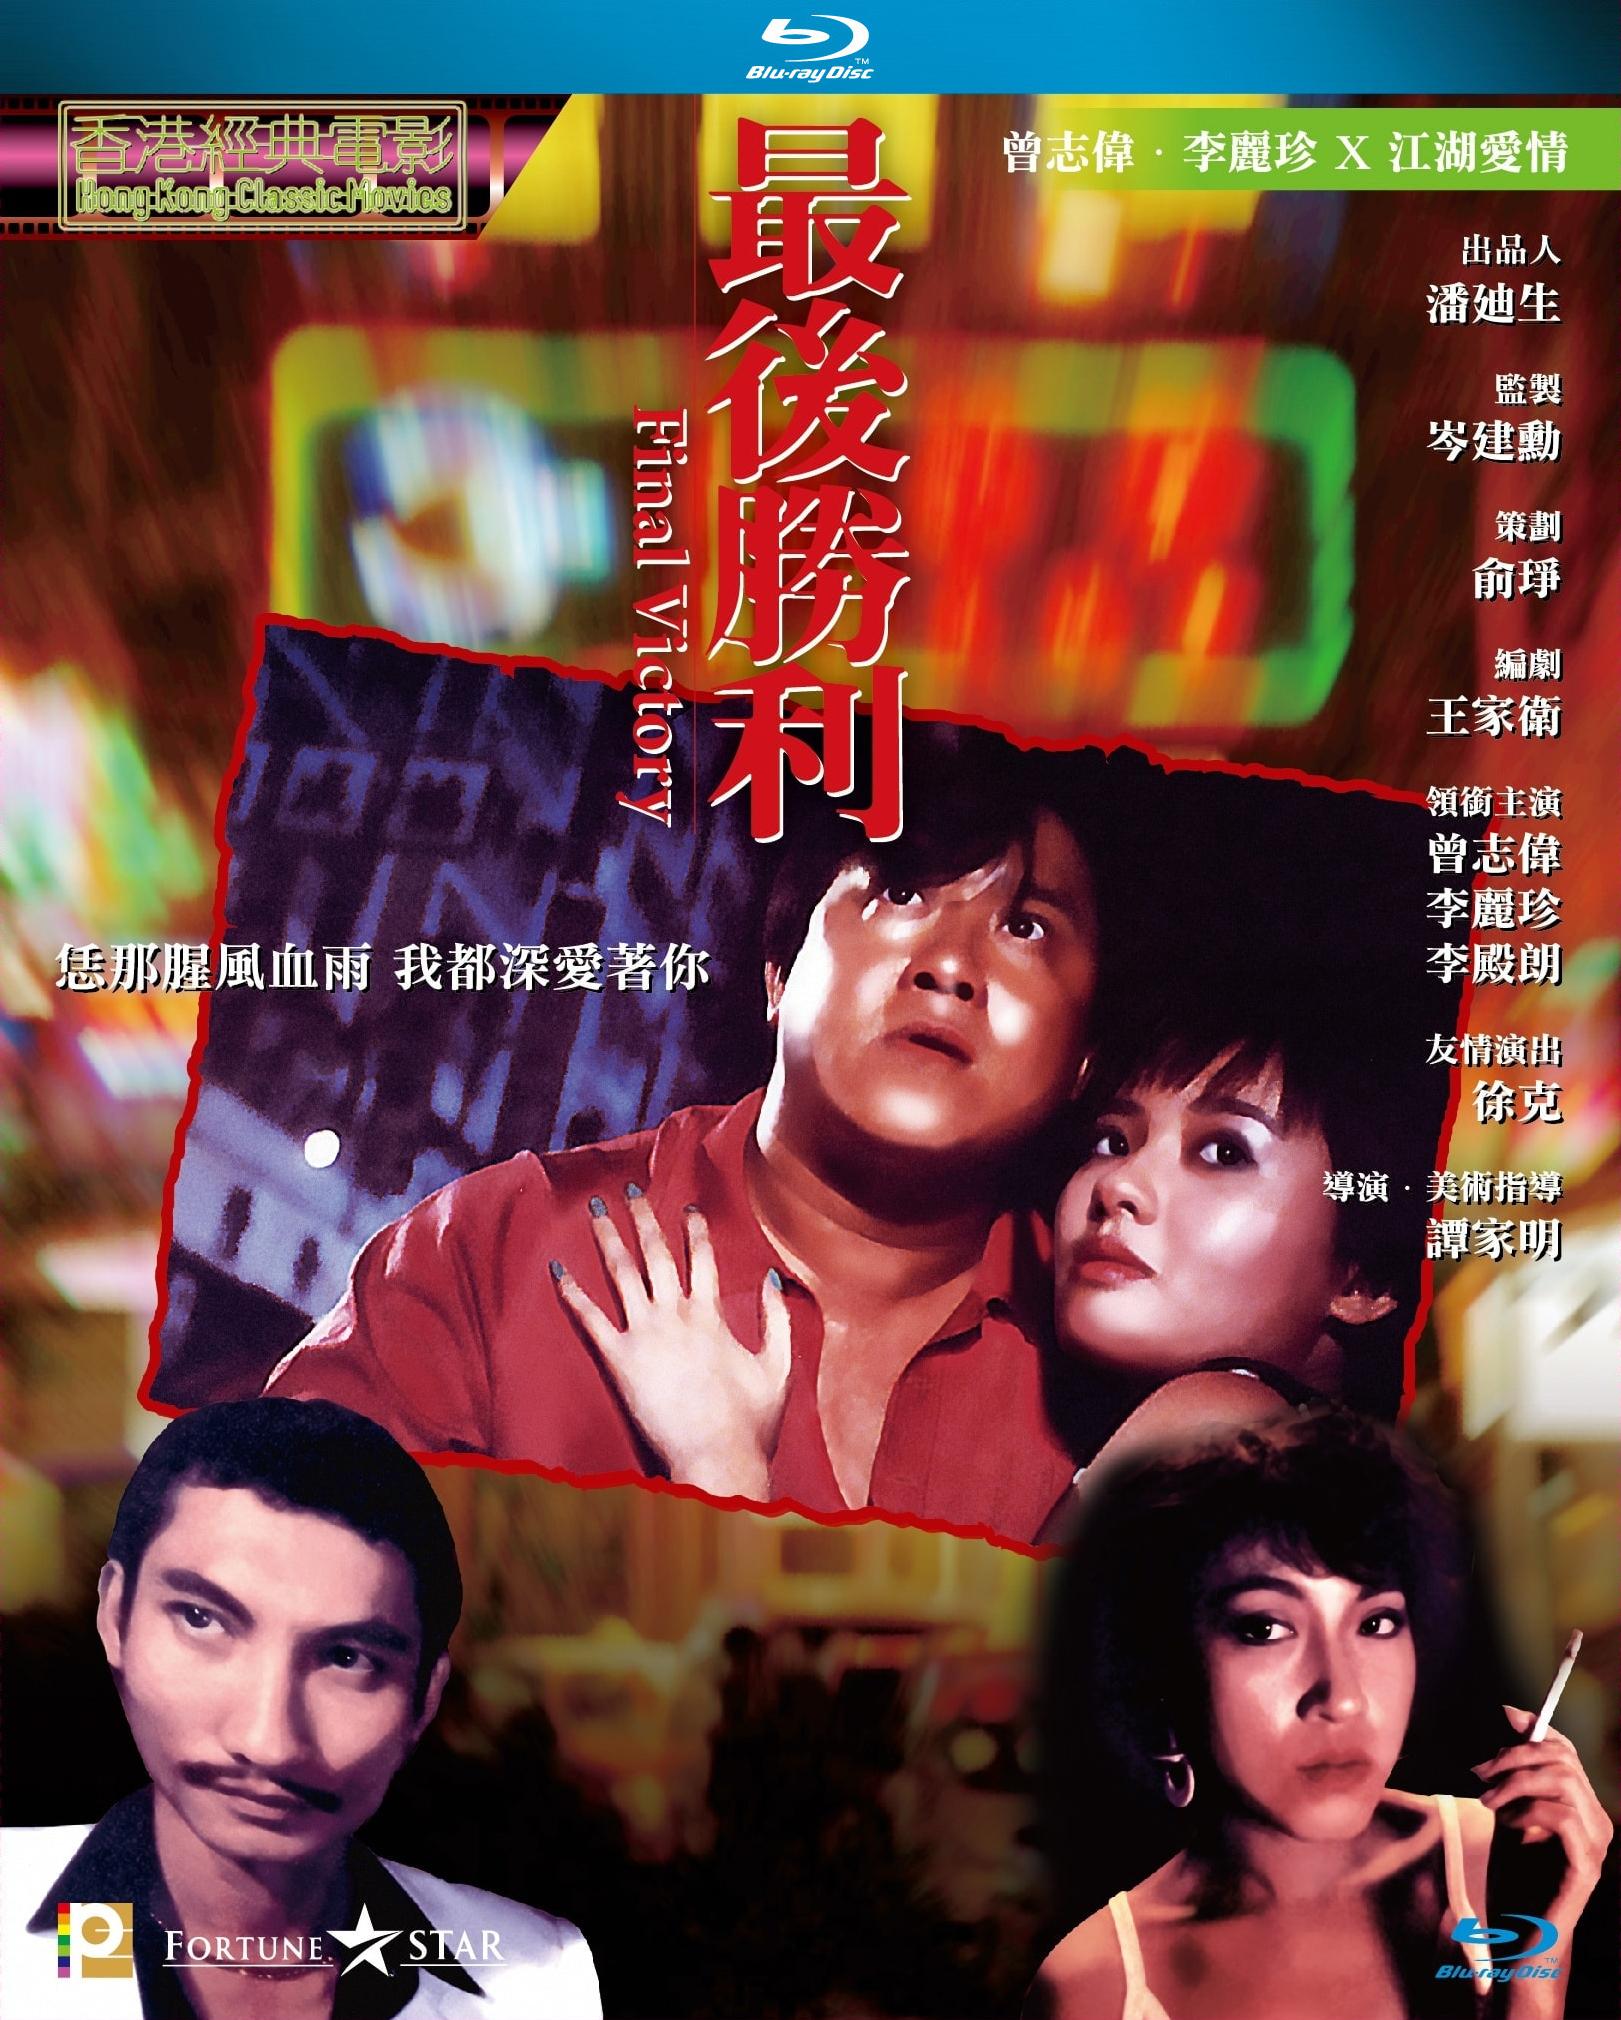 最後勝利 國粵雙語 原盤繁簡英SUP字幕 Final Victory 1987 BluRay 1080p 2Audio TrueHD 5.1 x265.10bit-BeiTai